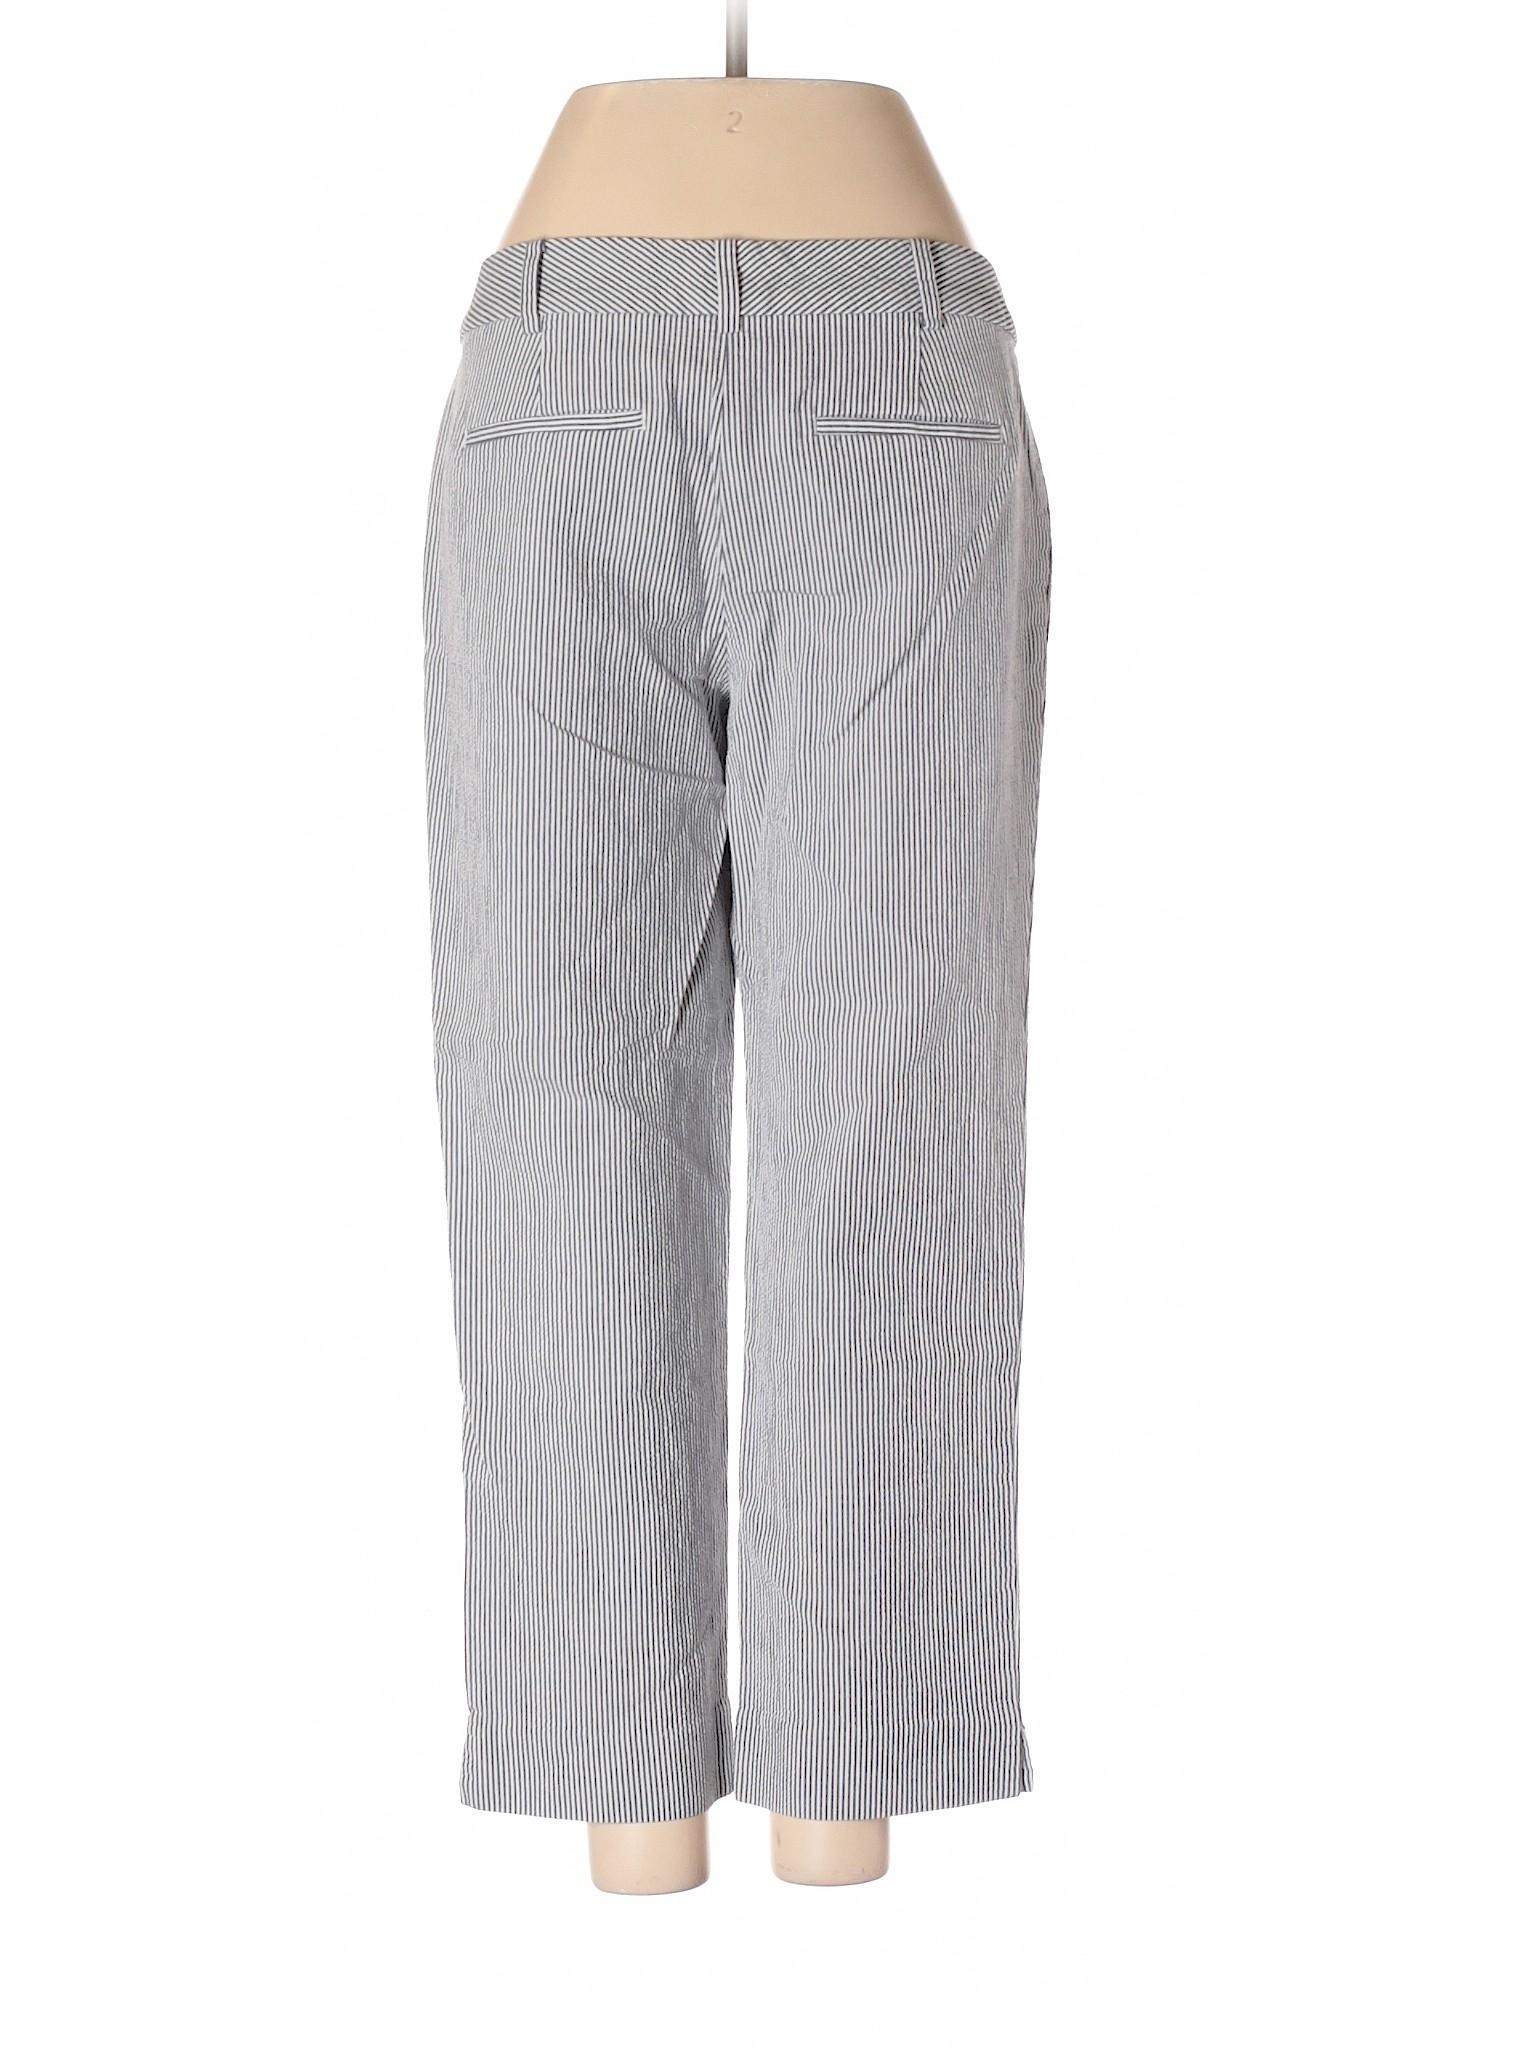 Pants winter Boutique Pants Boutique winter Boutique Dress Talbots Talbots Dress H4PwUFCq